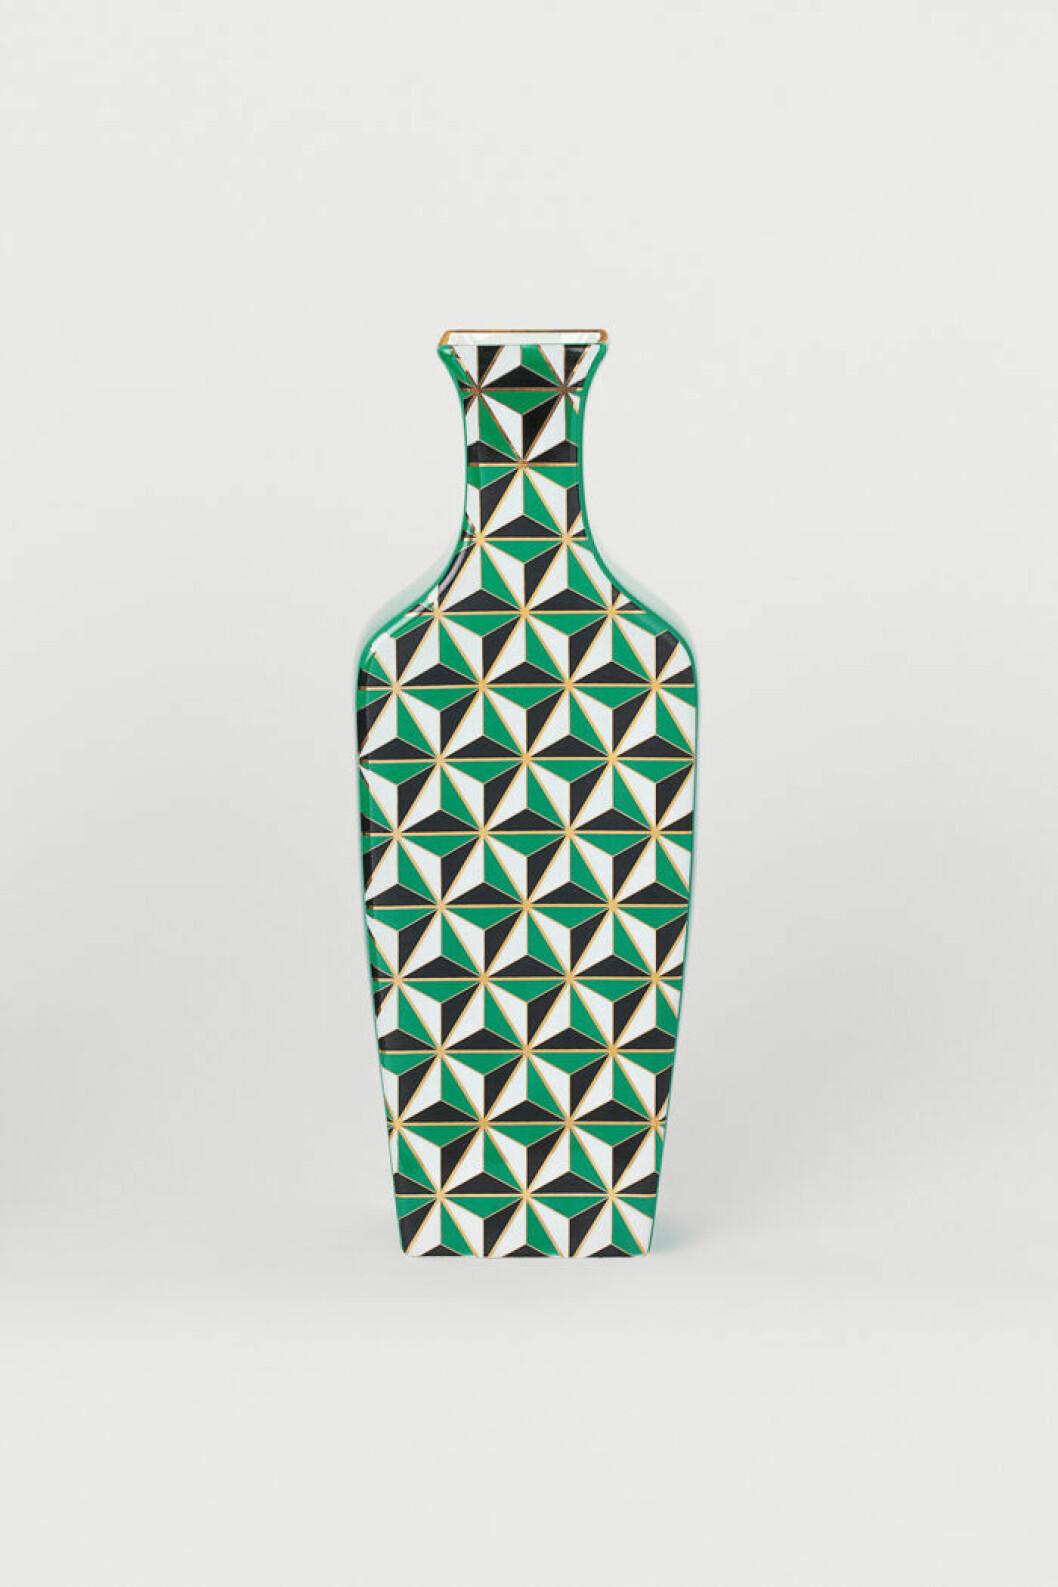 Mönstrad vas i grönt, vitt och svart från Jonathan Adler x H&M